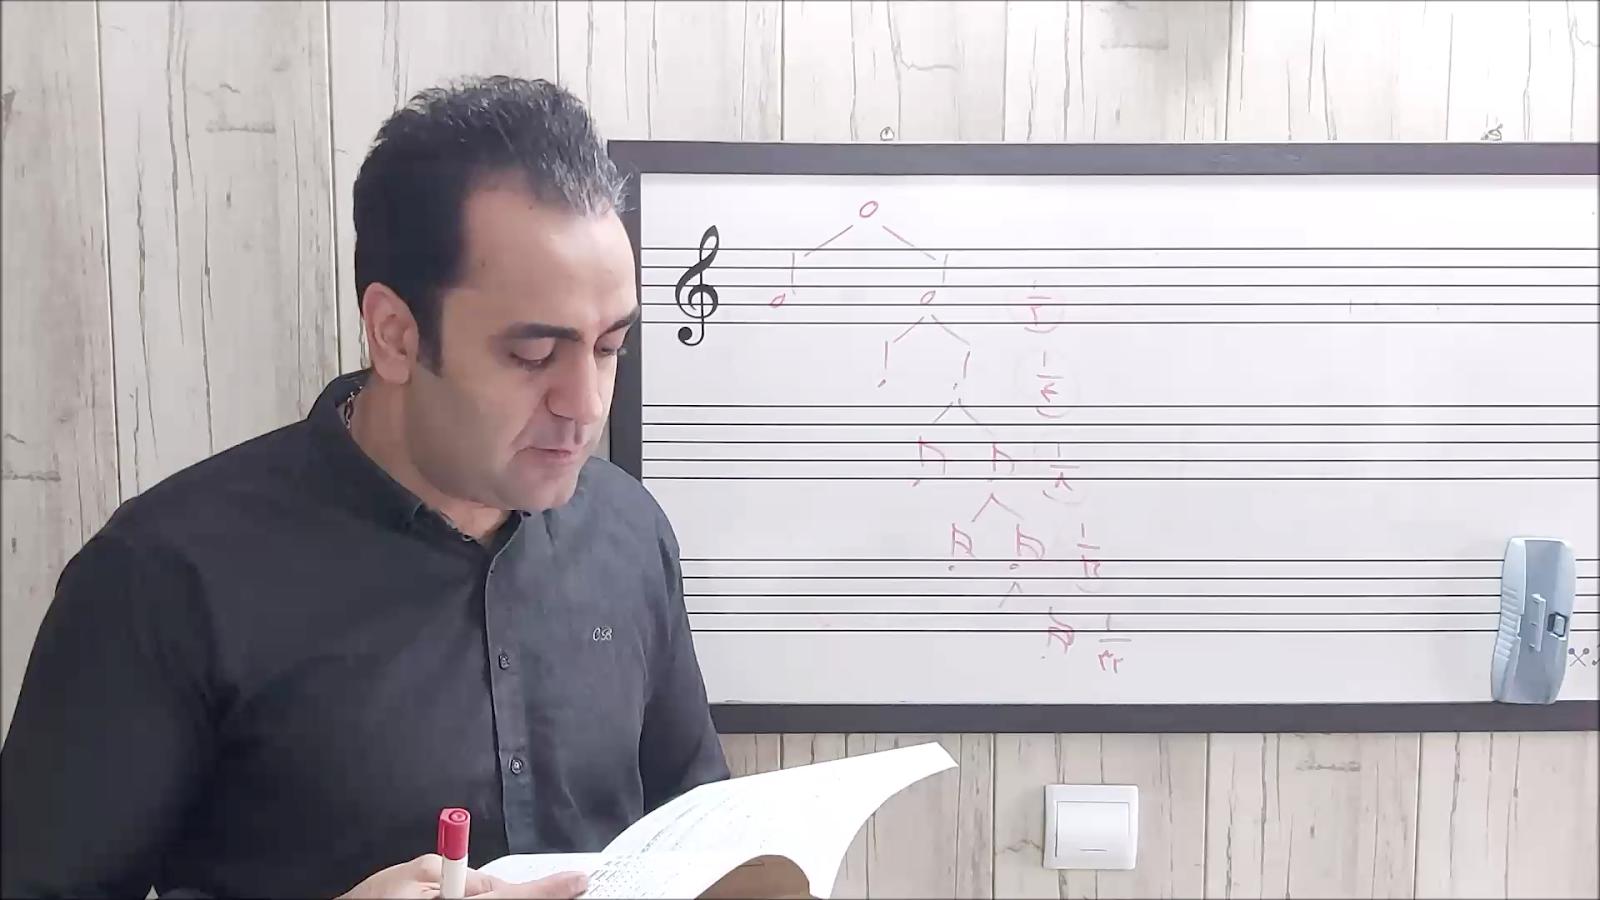 آموزش تئوری موسیقی پرویزمنصوری فصل یکم نقش نقطه ایمان ملکی